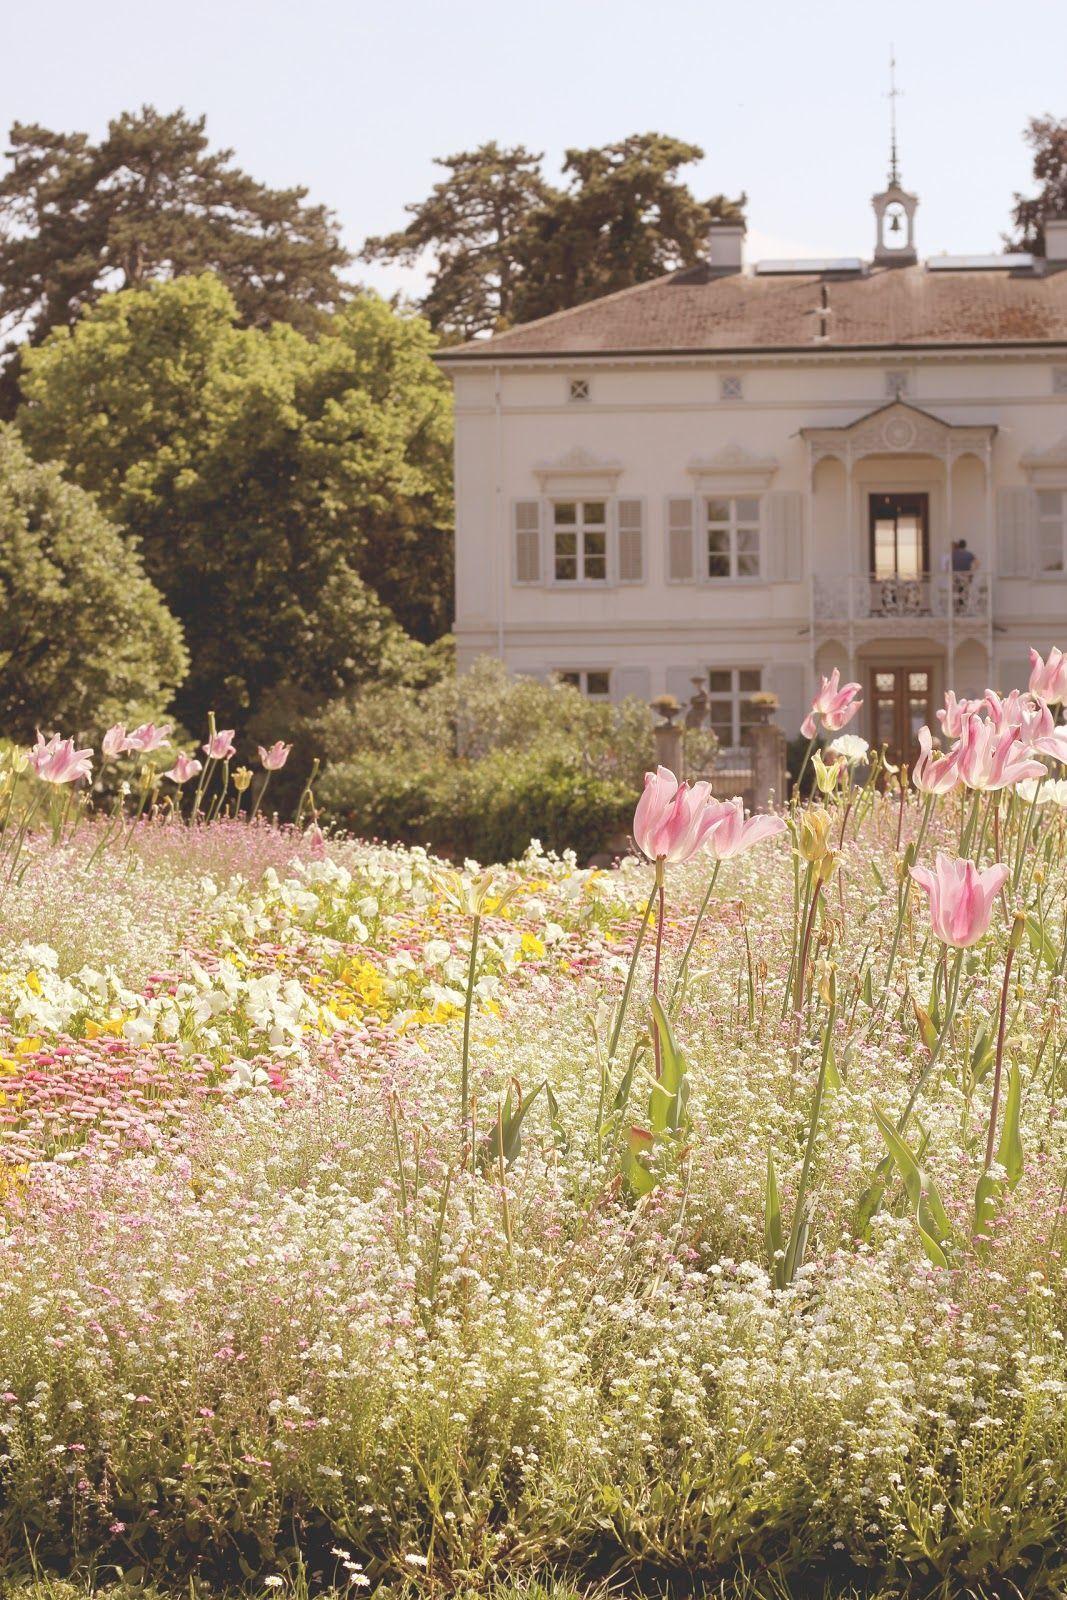 Basel Schweiz und Merian Park der schönste Park in Basel